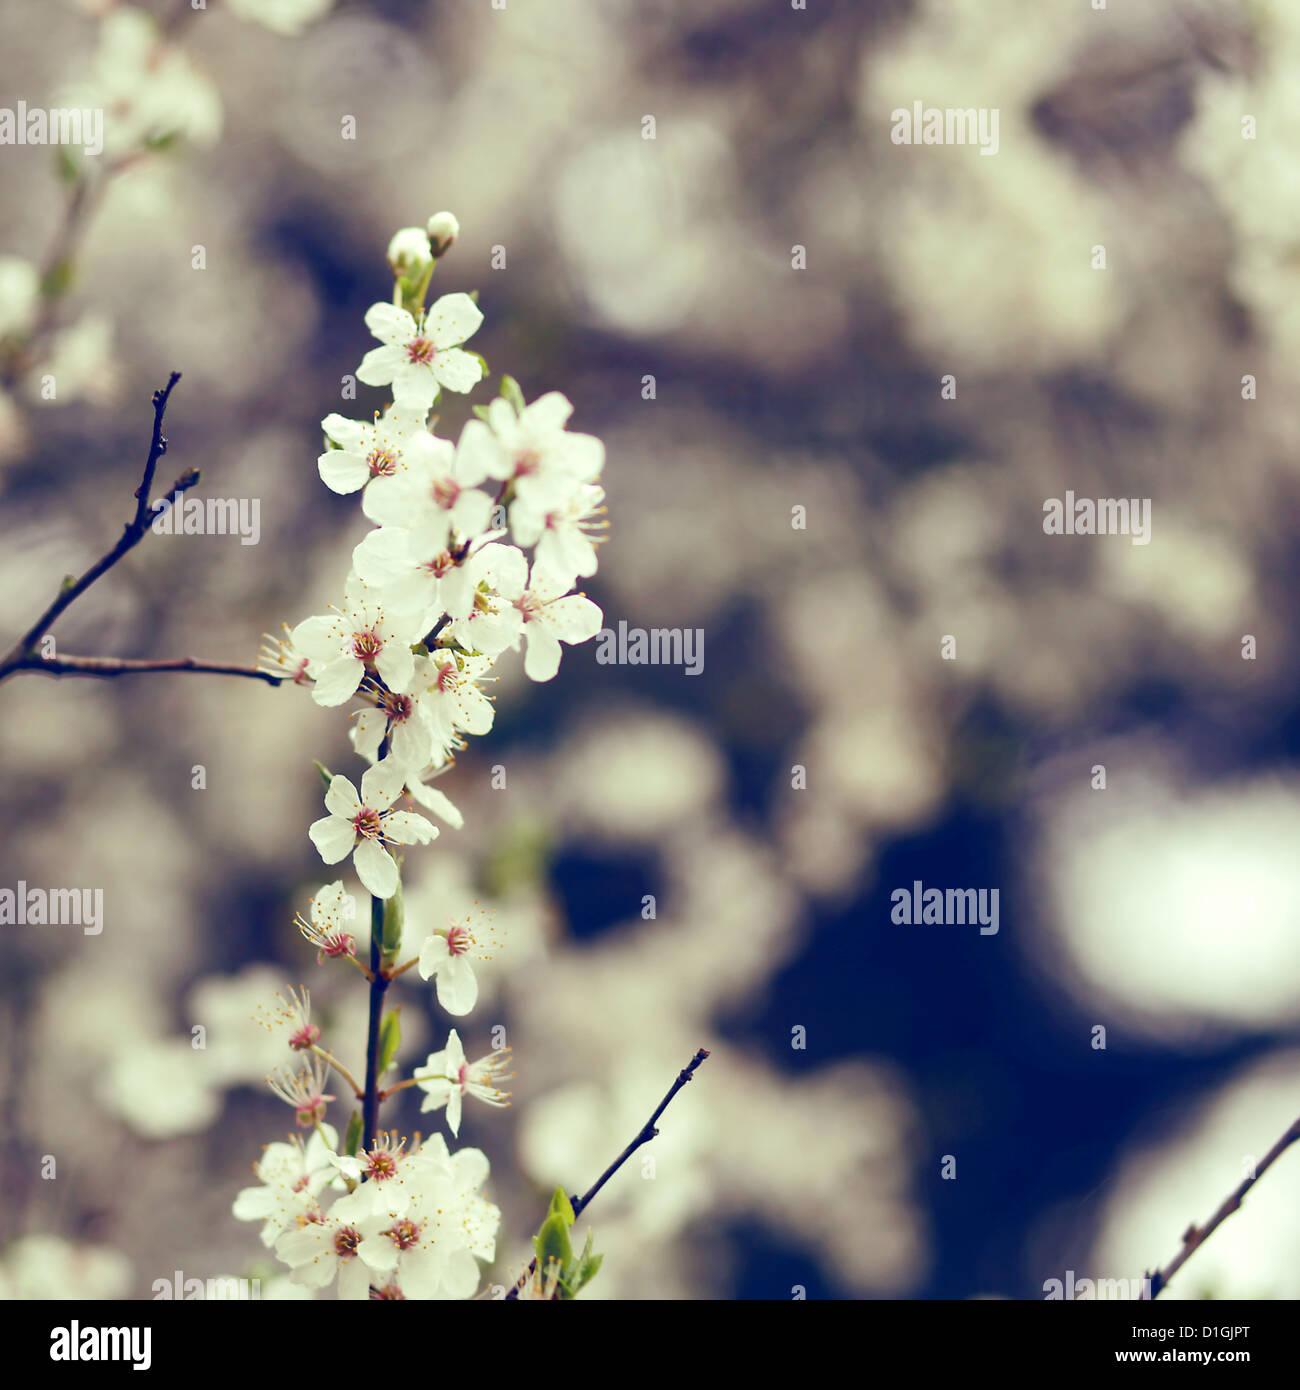 Eine Nahaufnahme von weißen Kirschblüten in voller Blüte im Frühjahr Stockbild